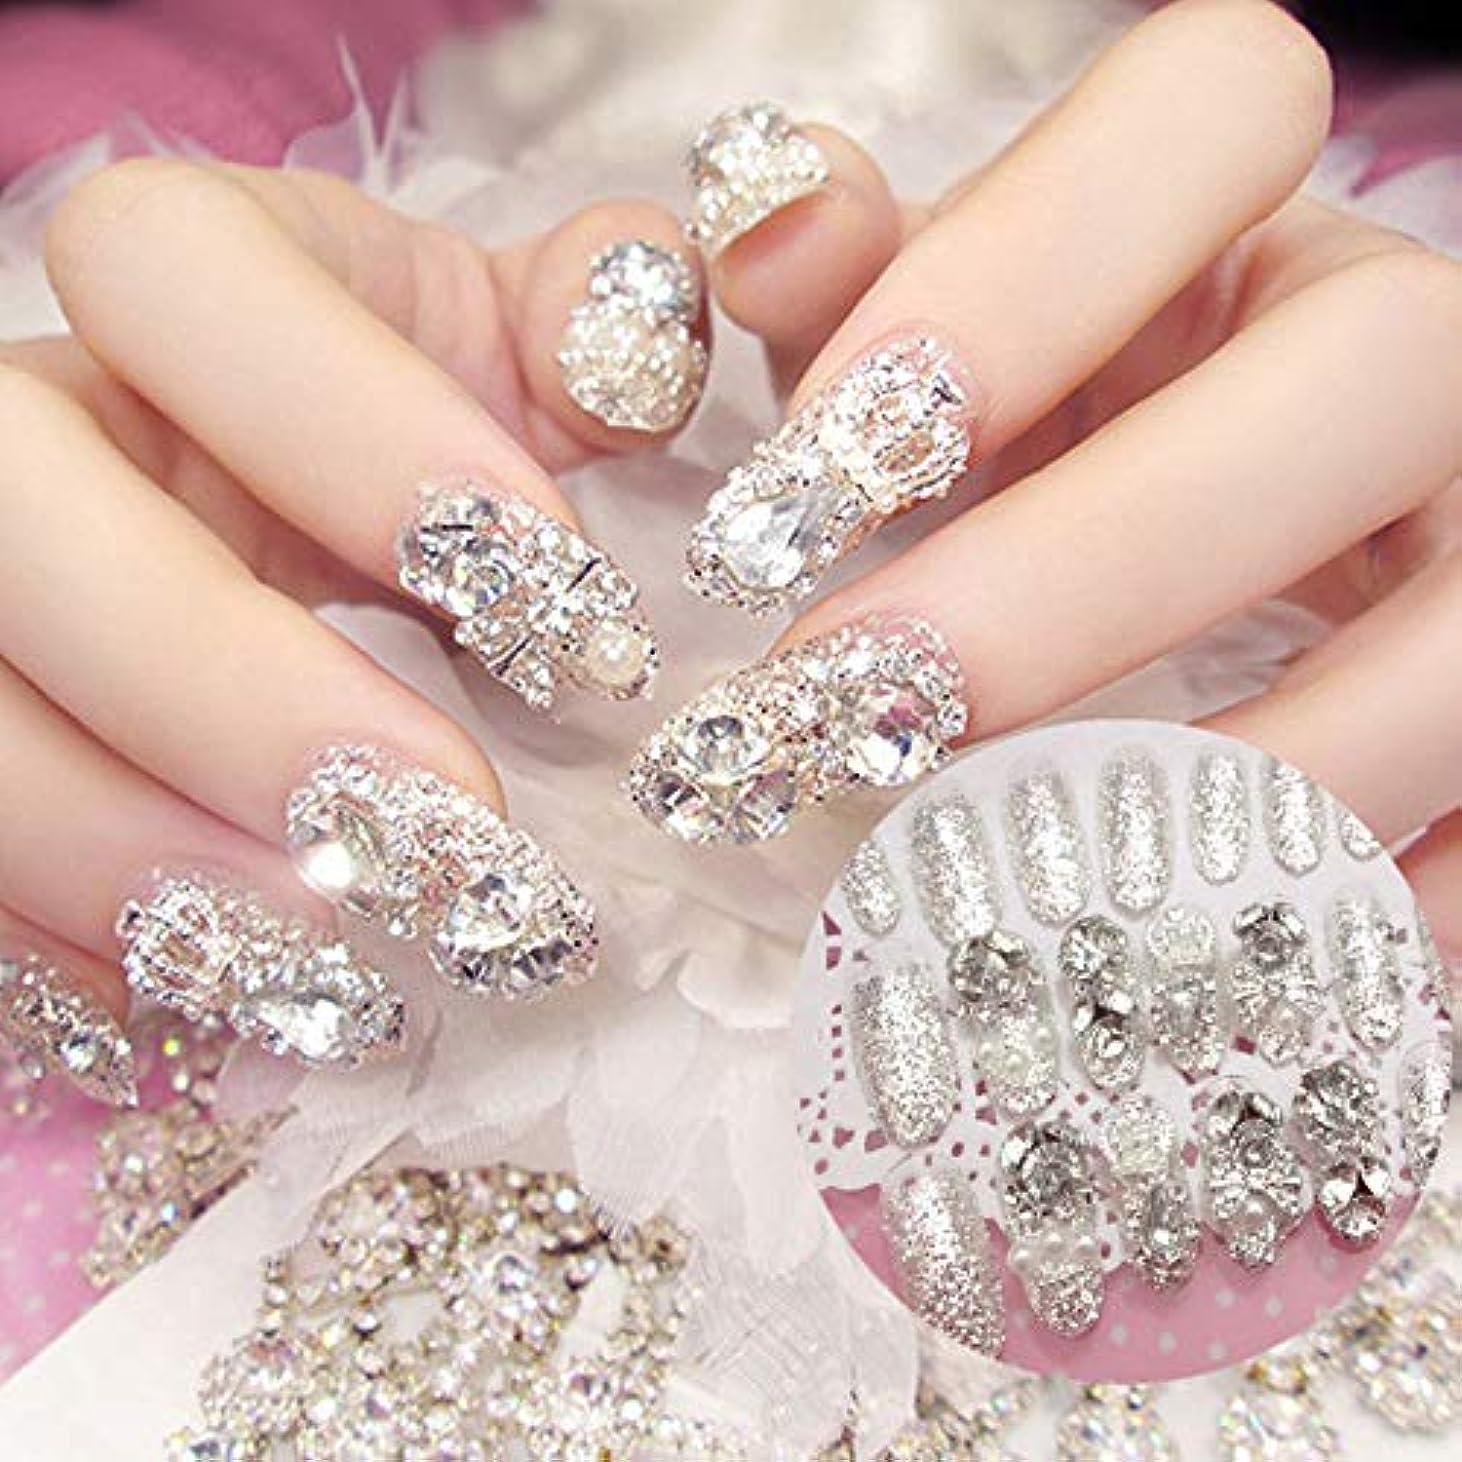 無秩序政治淡いXUTXZKA 24本の輝くラインストーンの結婚式の偽の爪透明グリッタースクエアフルショートフェイクネイル花嫁